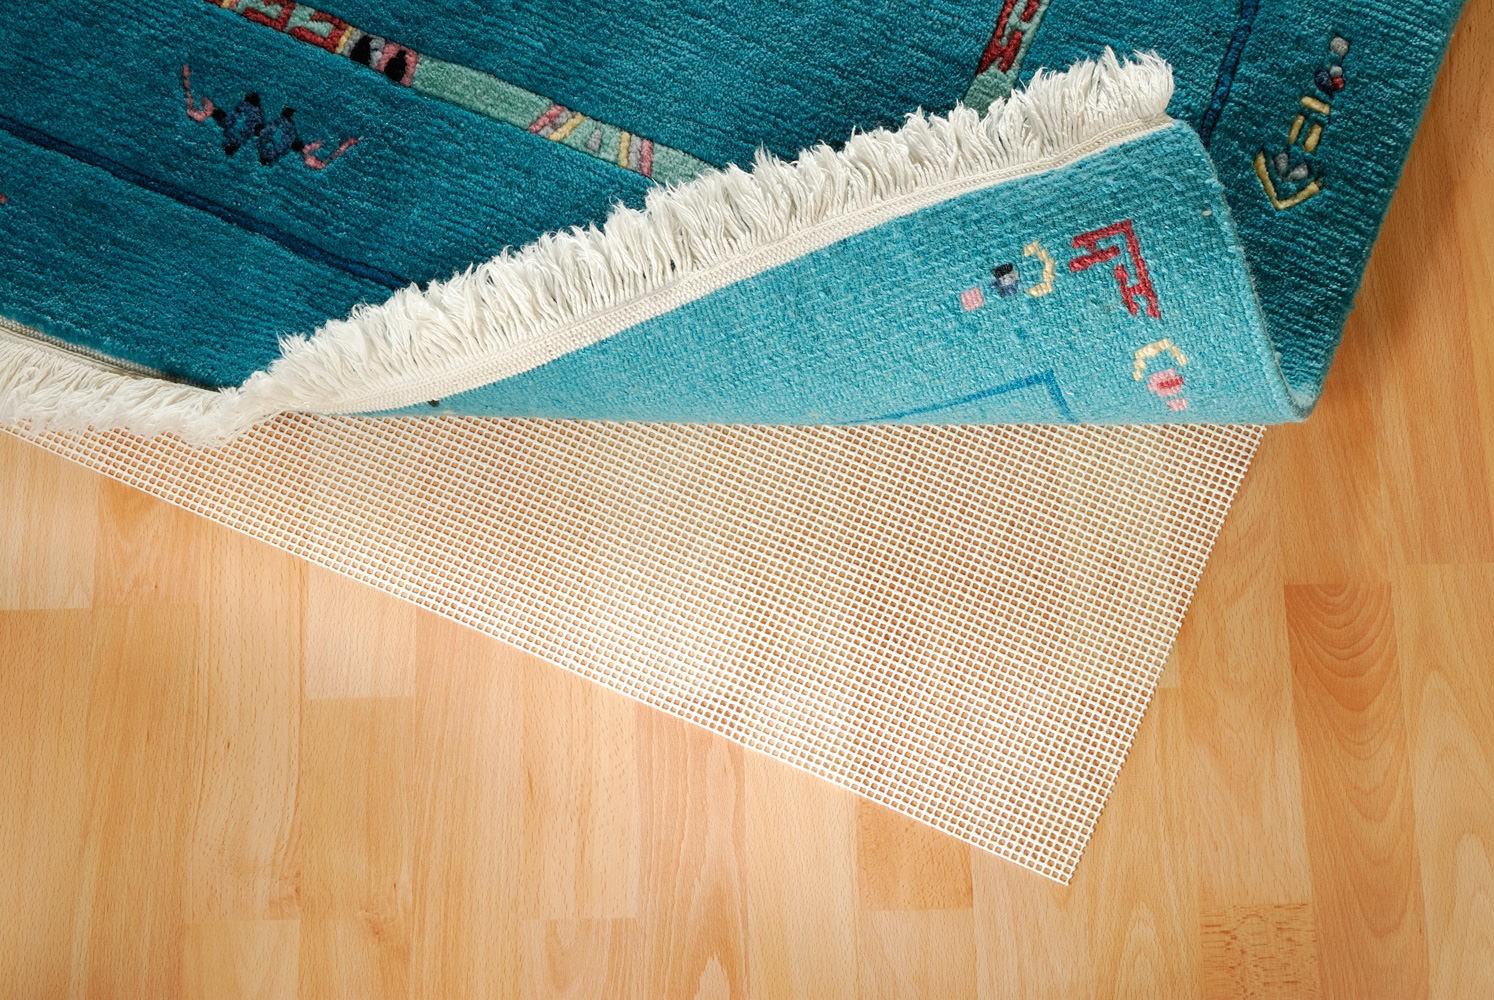 Teppichunterlage Gitter Star breite 180 cm (für glatte Böden)